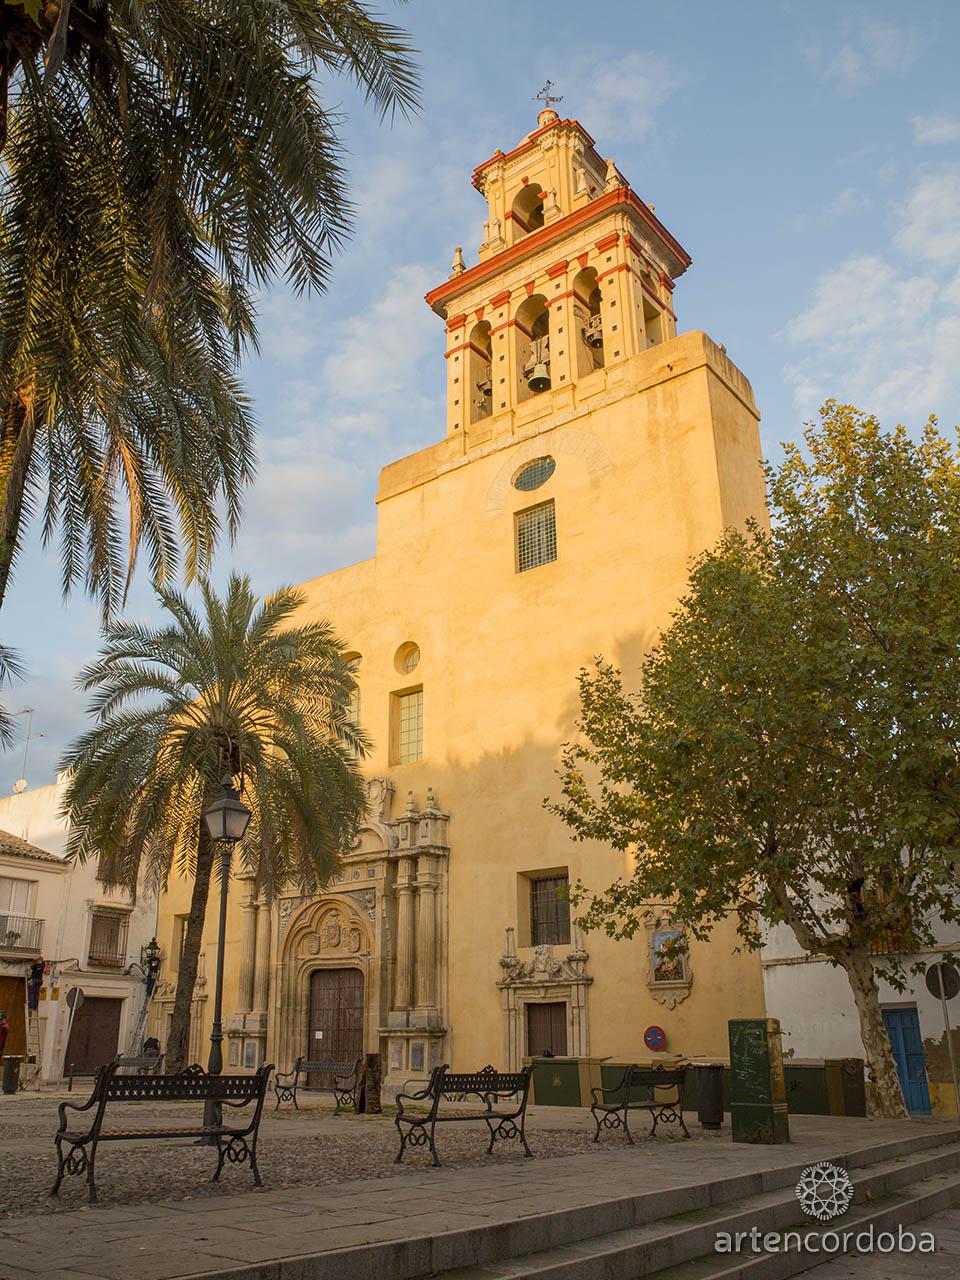 Fachada de la iglesia de San Agustín de Córdoba